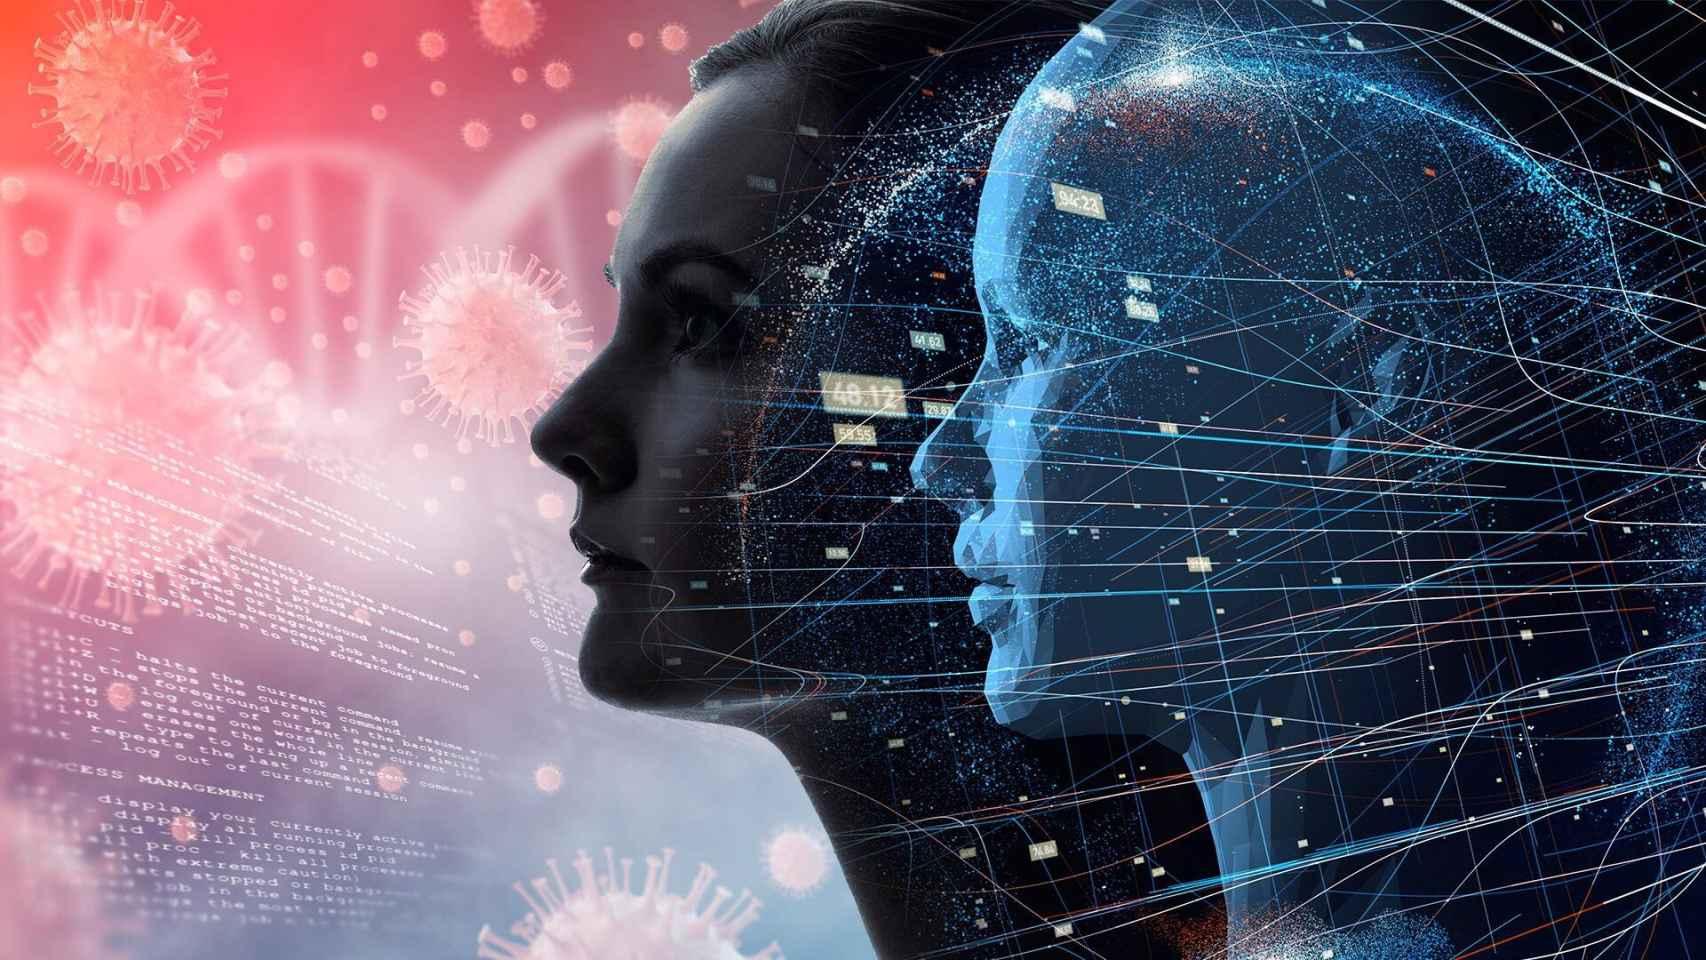 Digipredict recrea un clon virtual del paciente para predecir la evolución de la enfermedad.